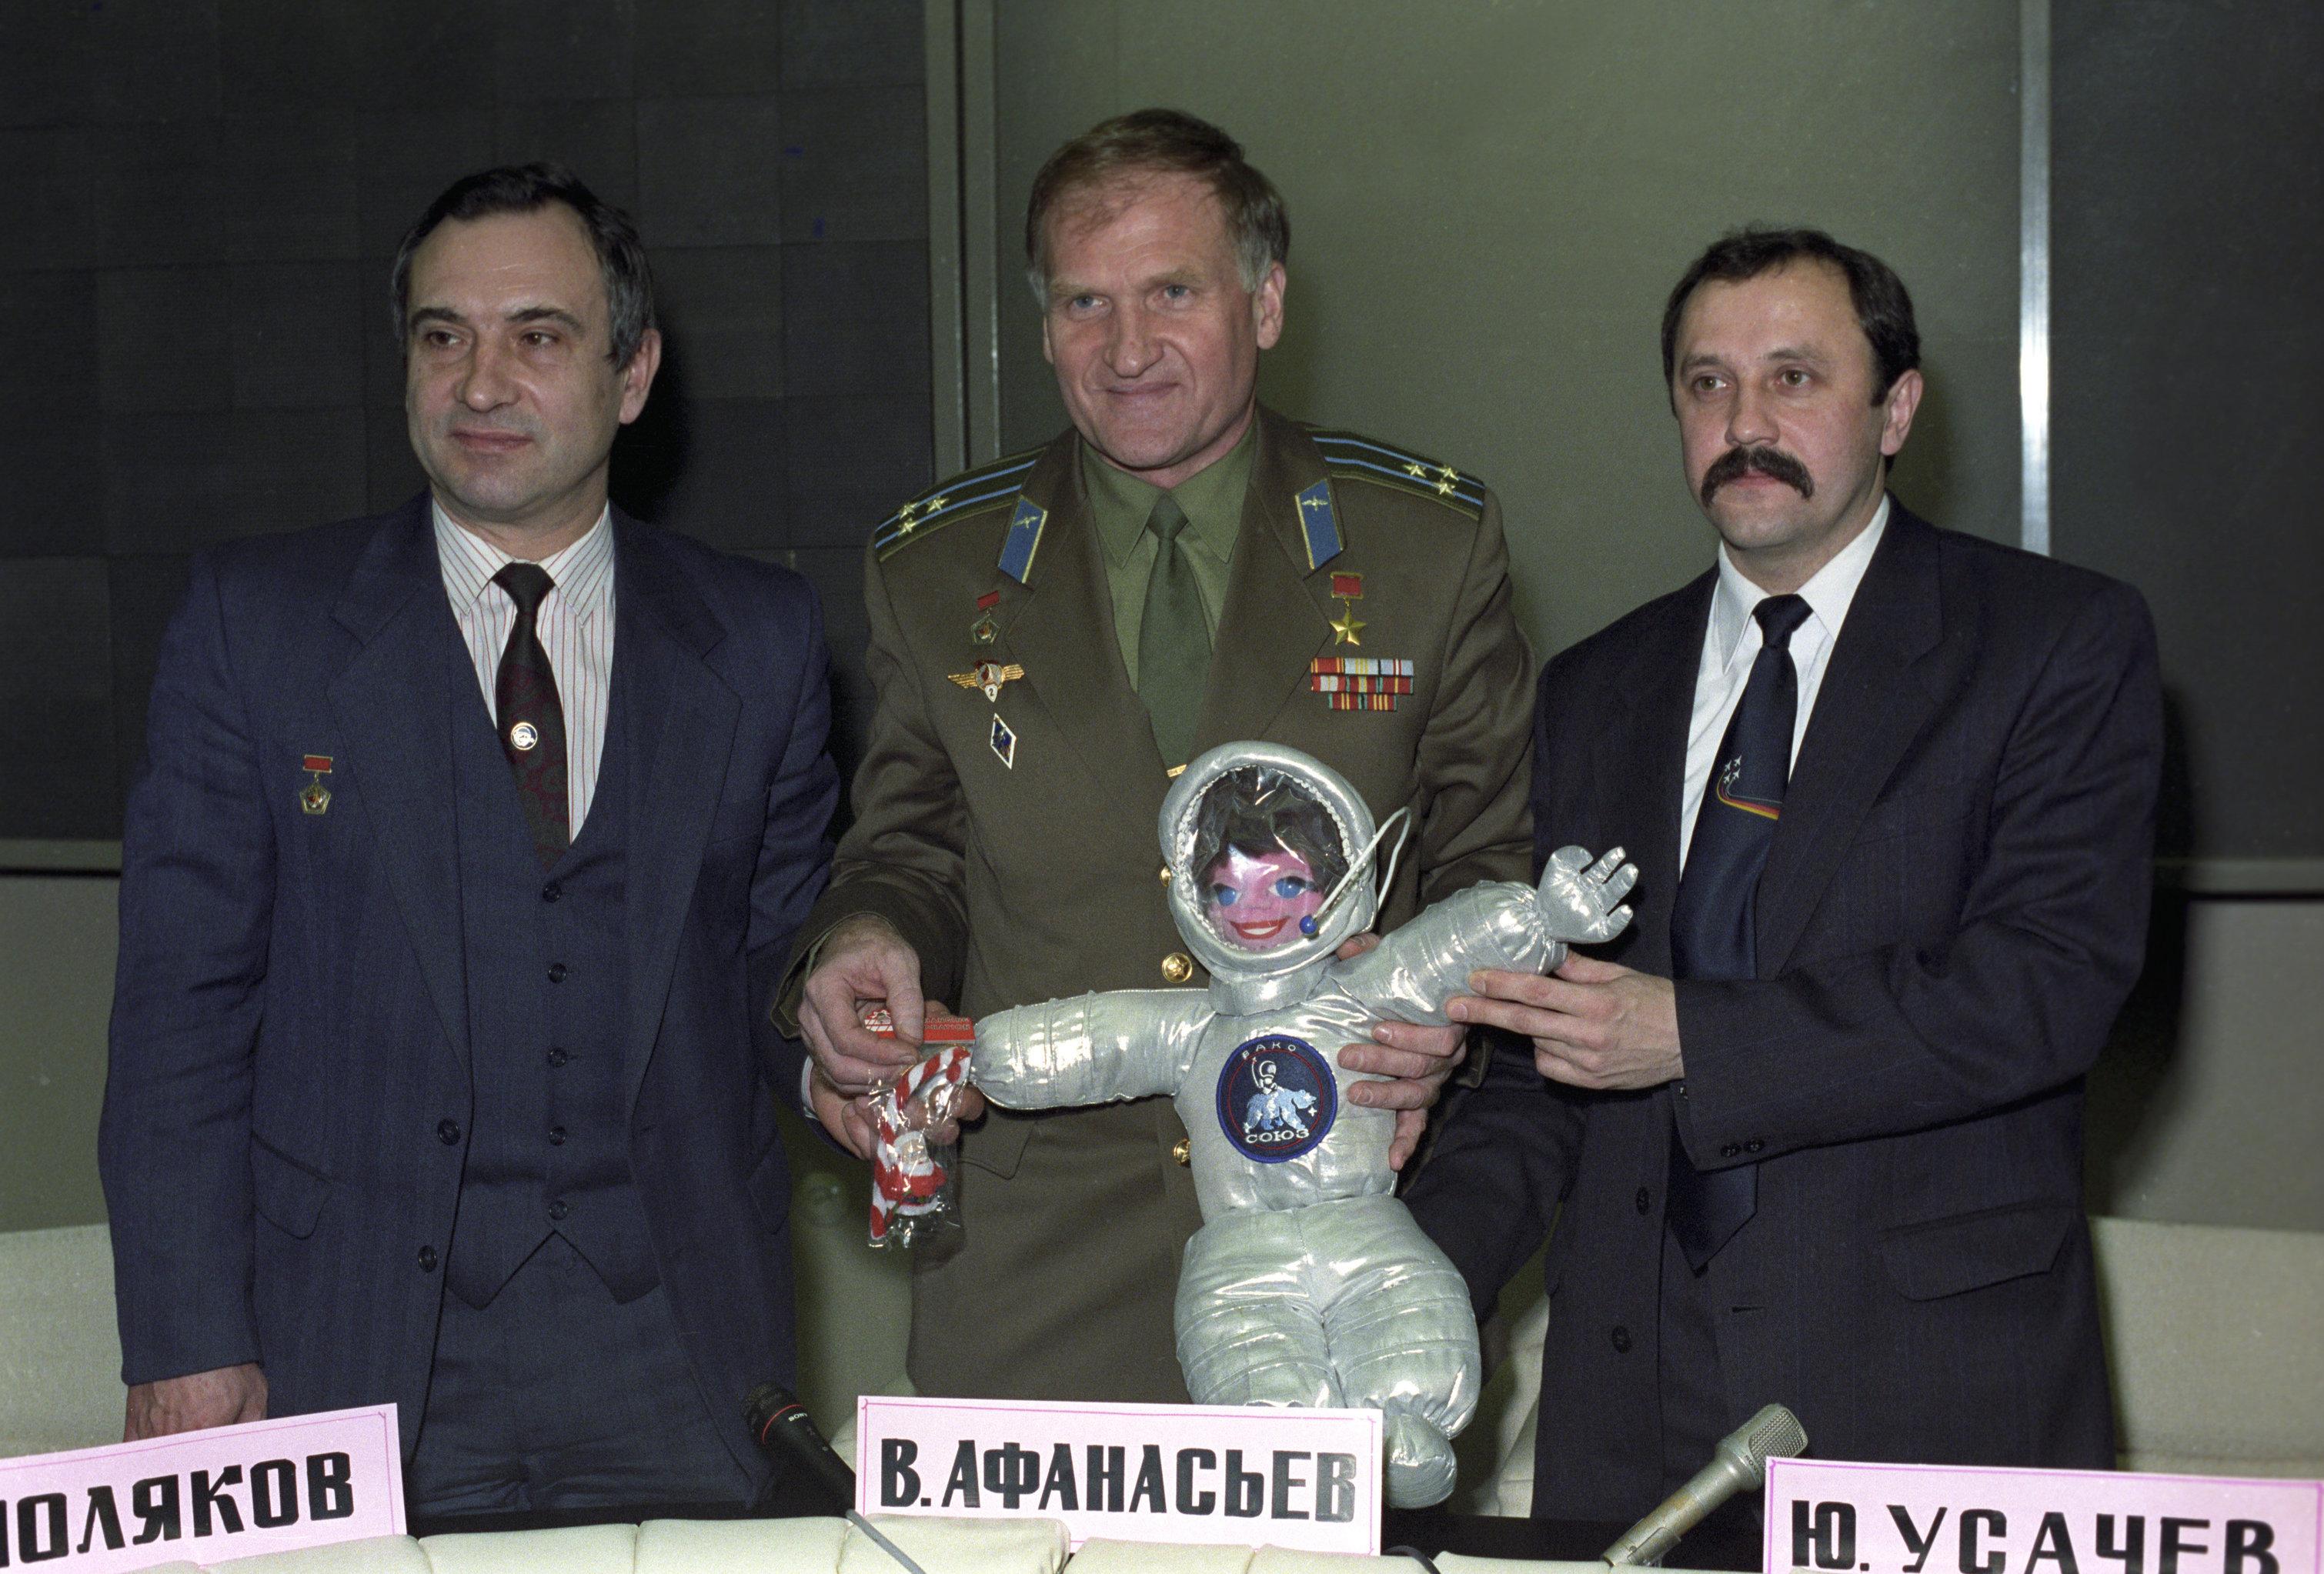 Iouri Oussatchev (à droite) et deux autres membres d'équipage du vaisseau Soyouz TM-18